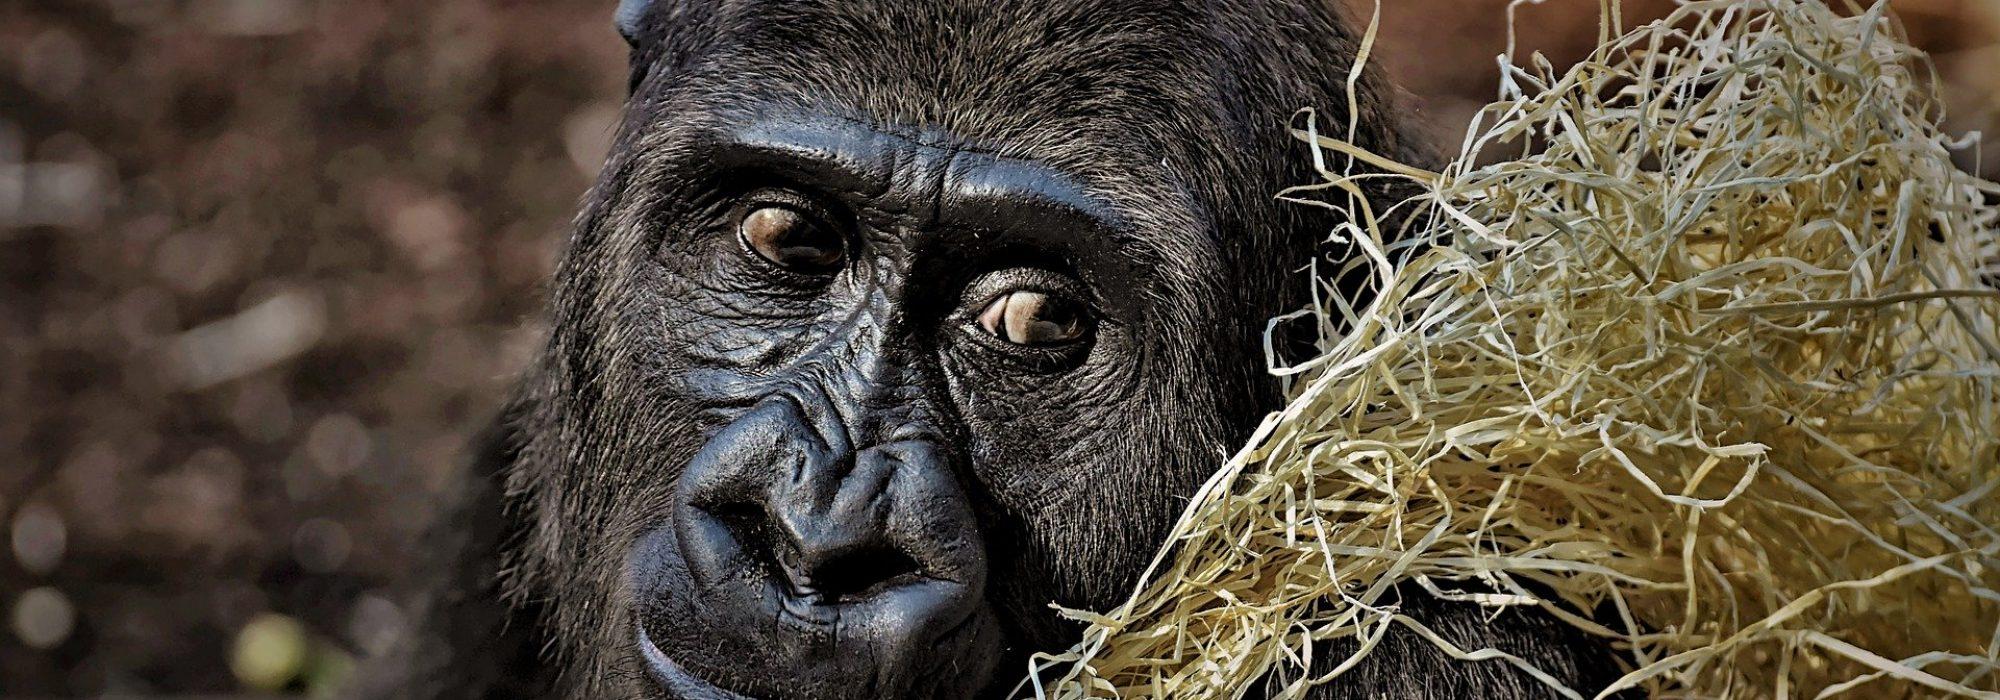 gorilla-3586621_1920